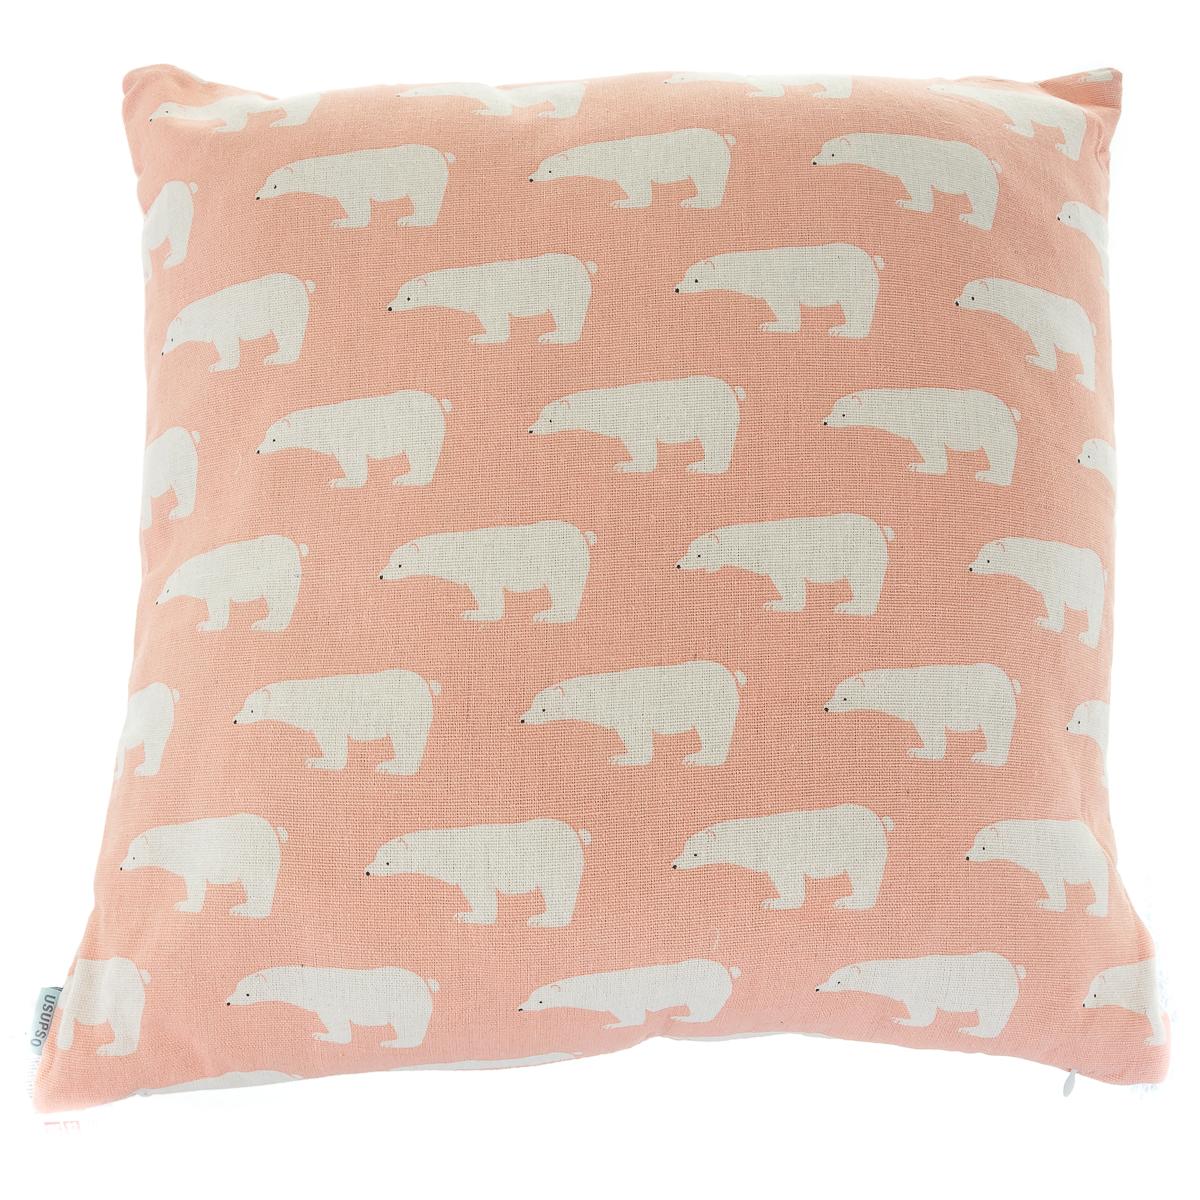 подушка диванна, лляна, з принтом білий ведмідь арт.4711068710009